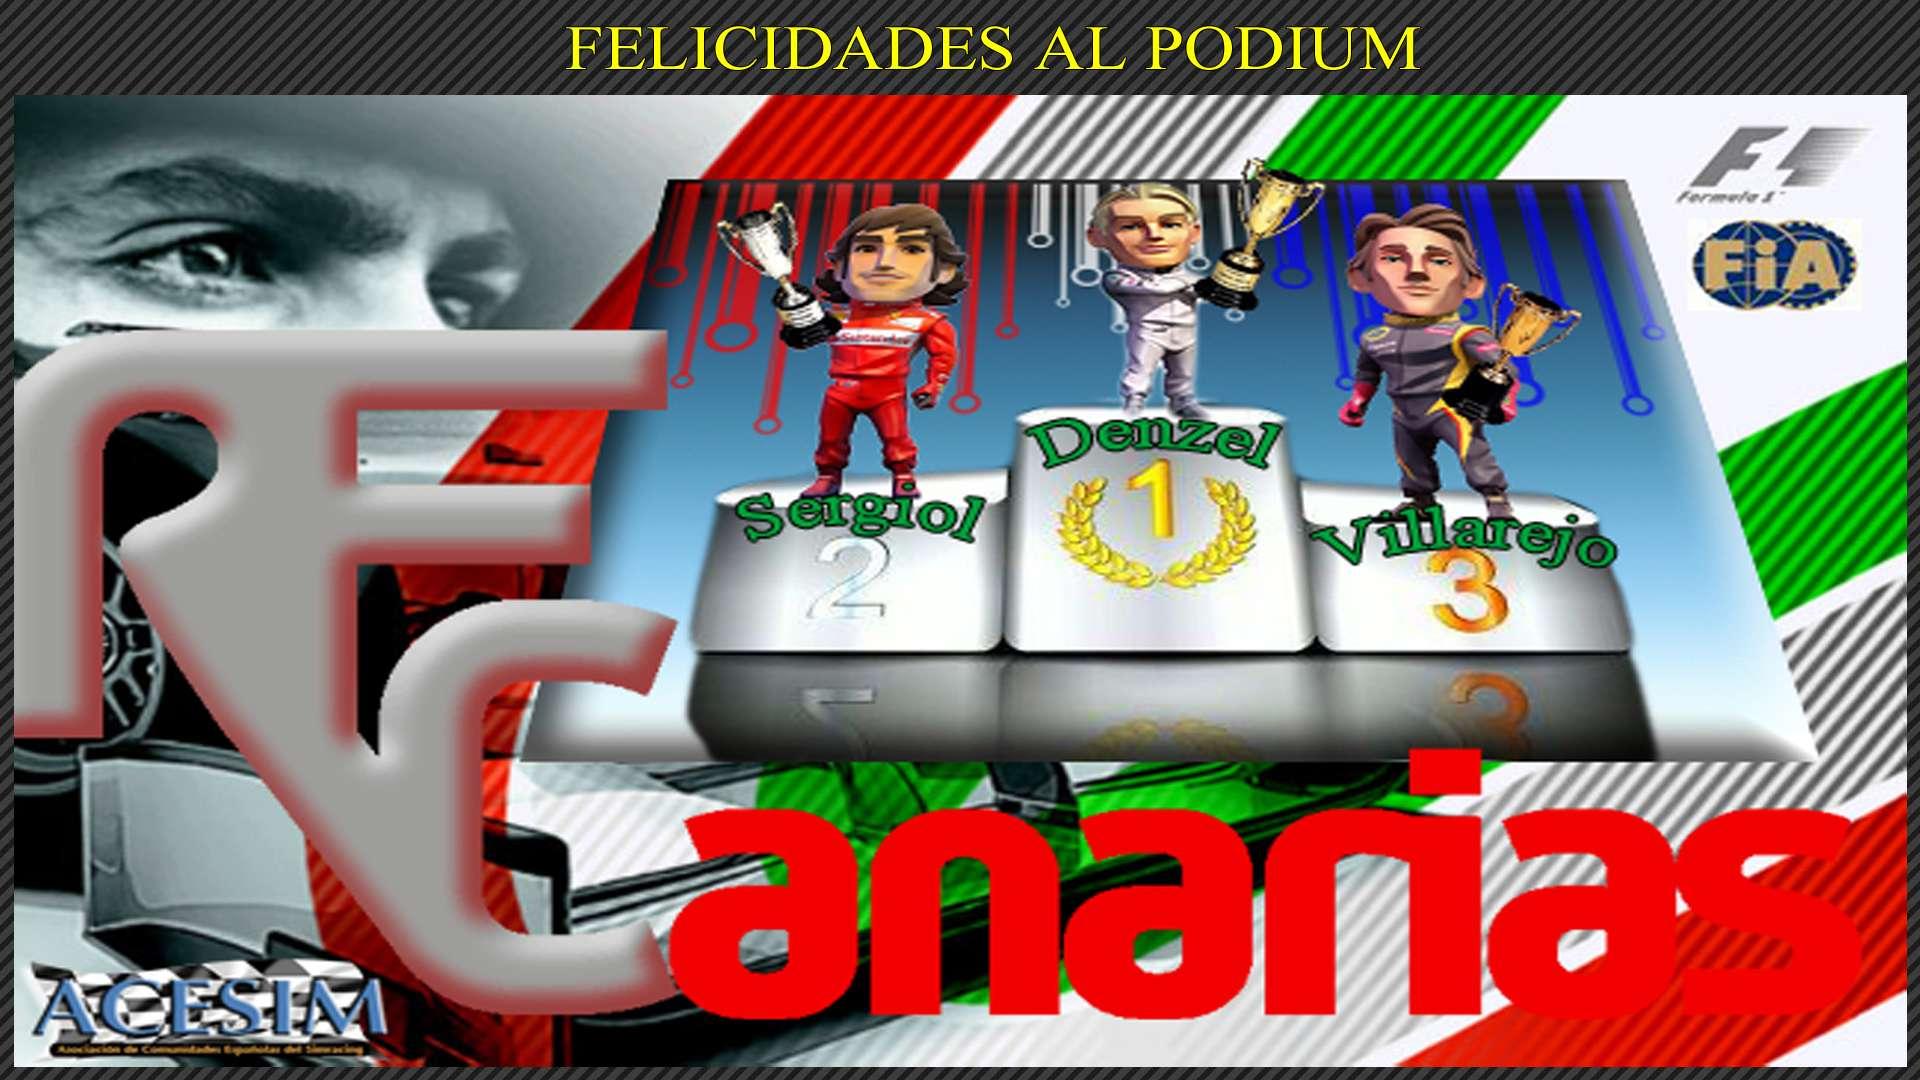 PRESENTACION CAMPEONATO F1 GAMESTOCK CAR MALASIA Podium13